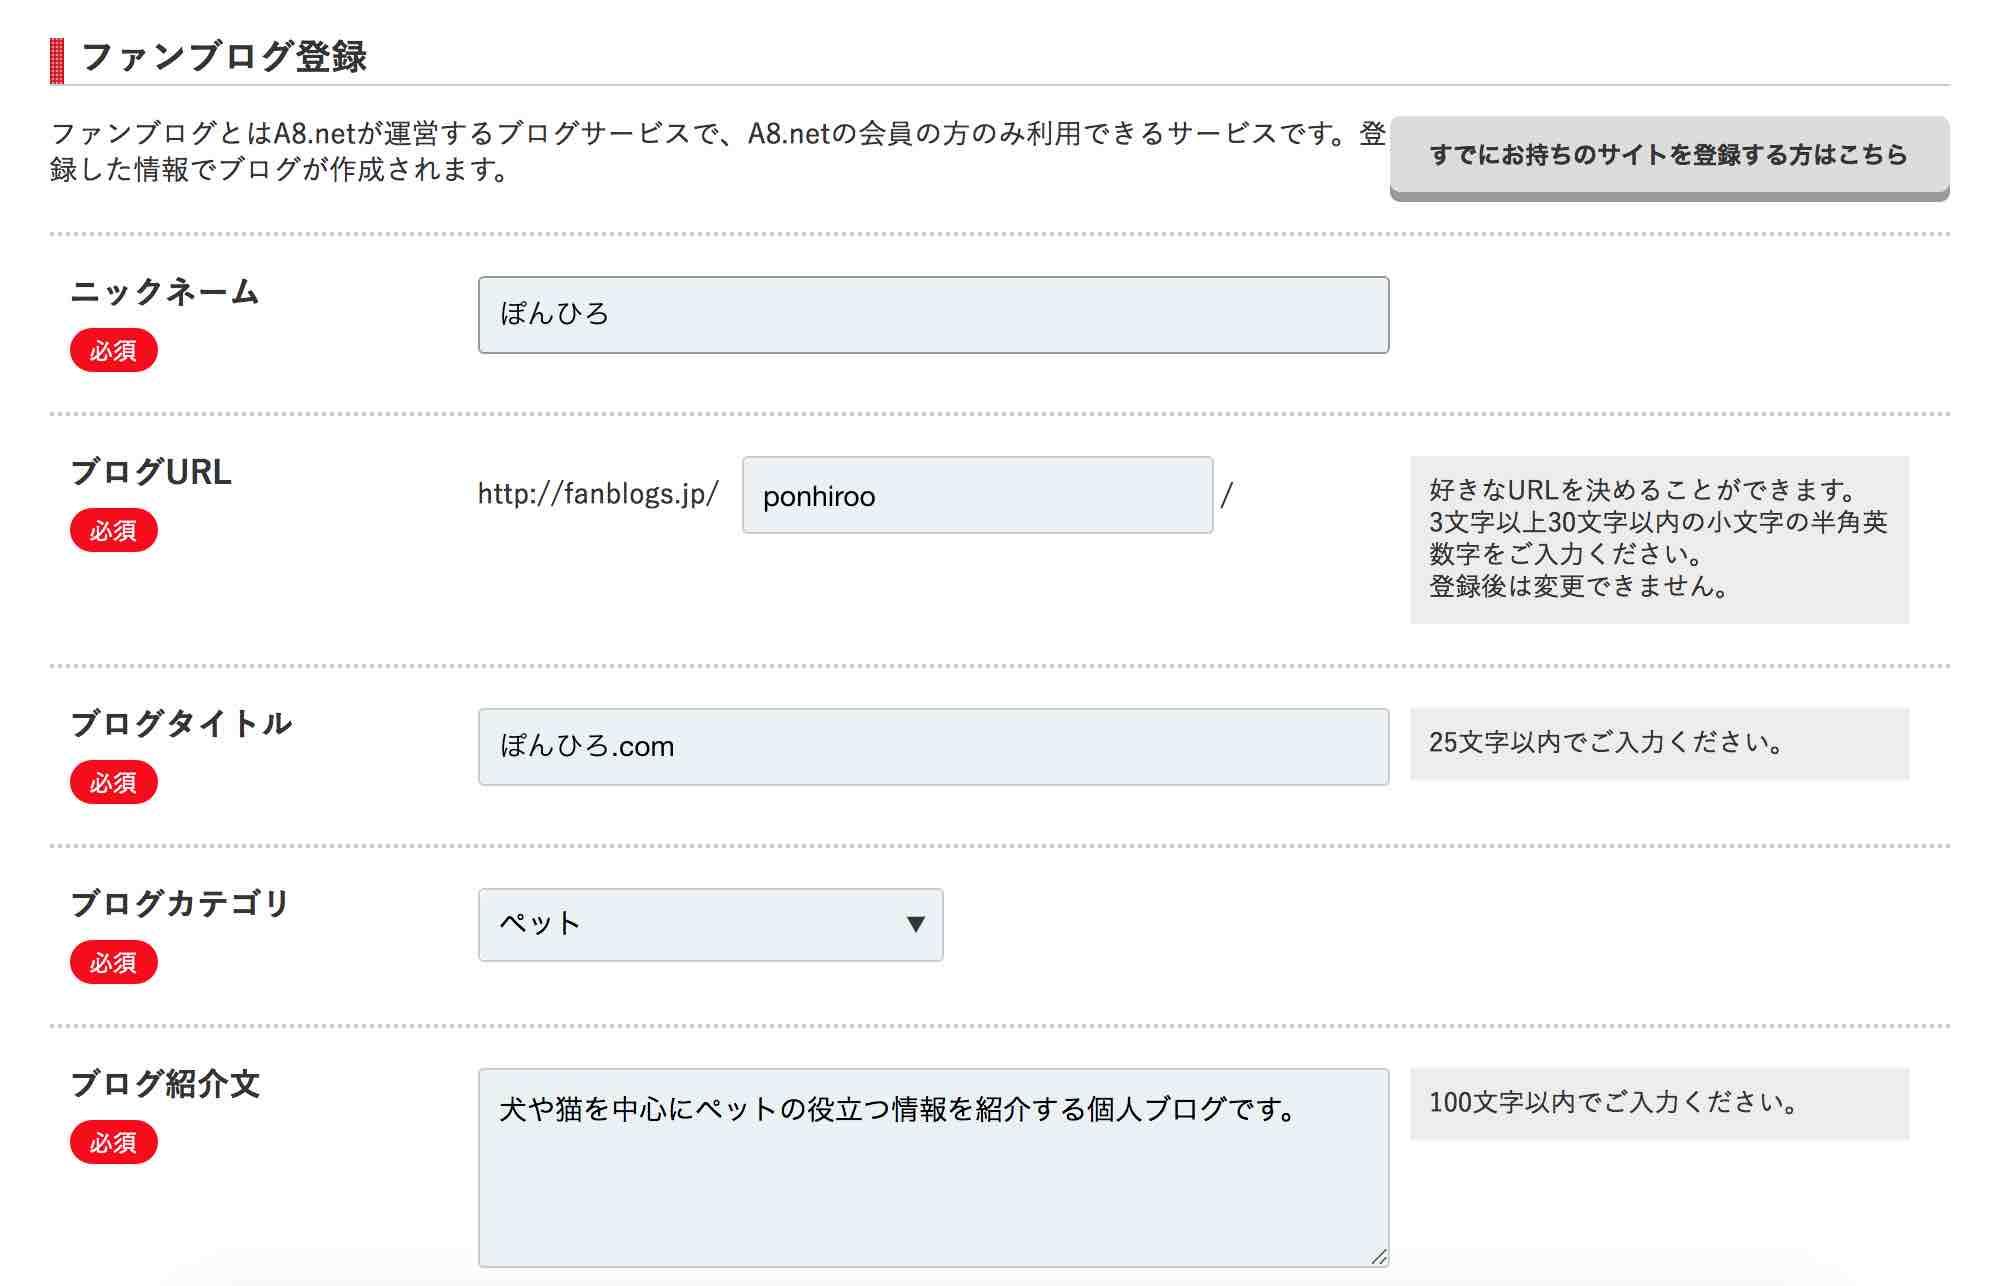 a8.net無料会員登録手順8